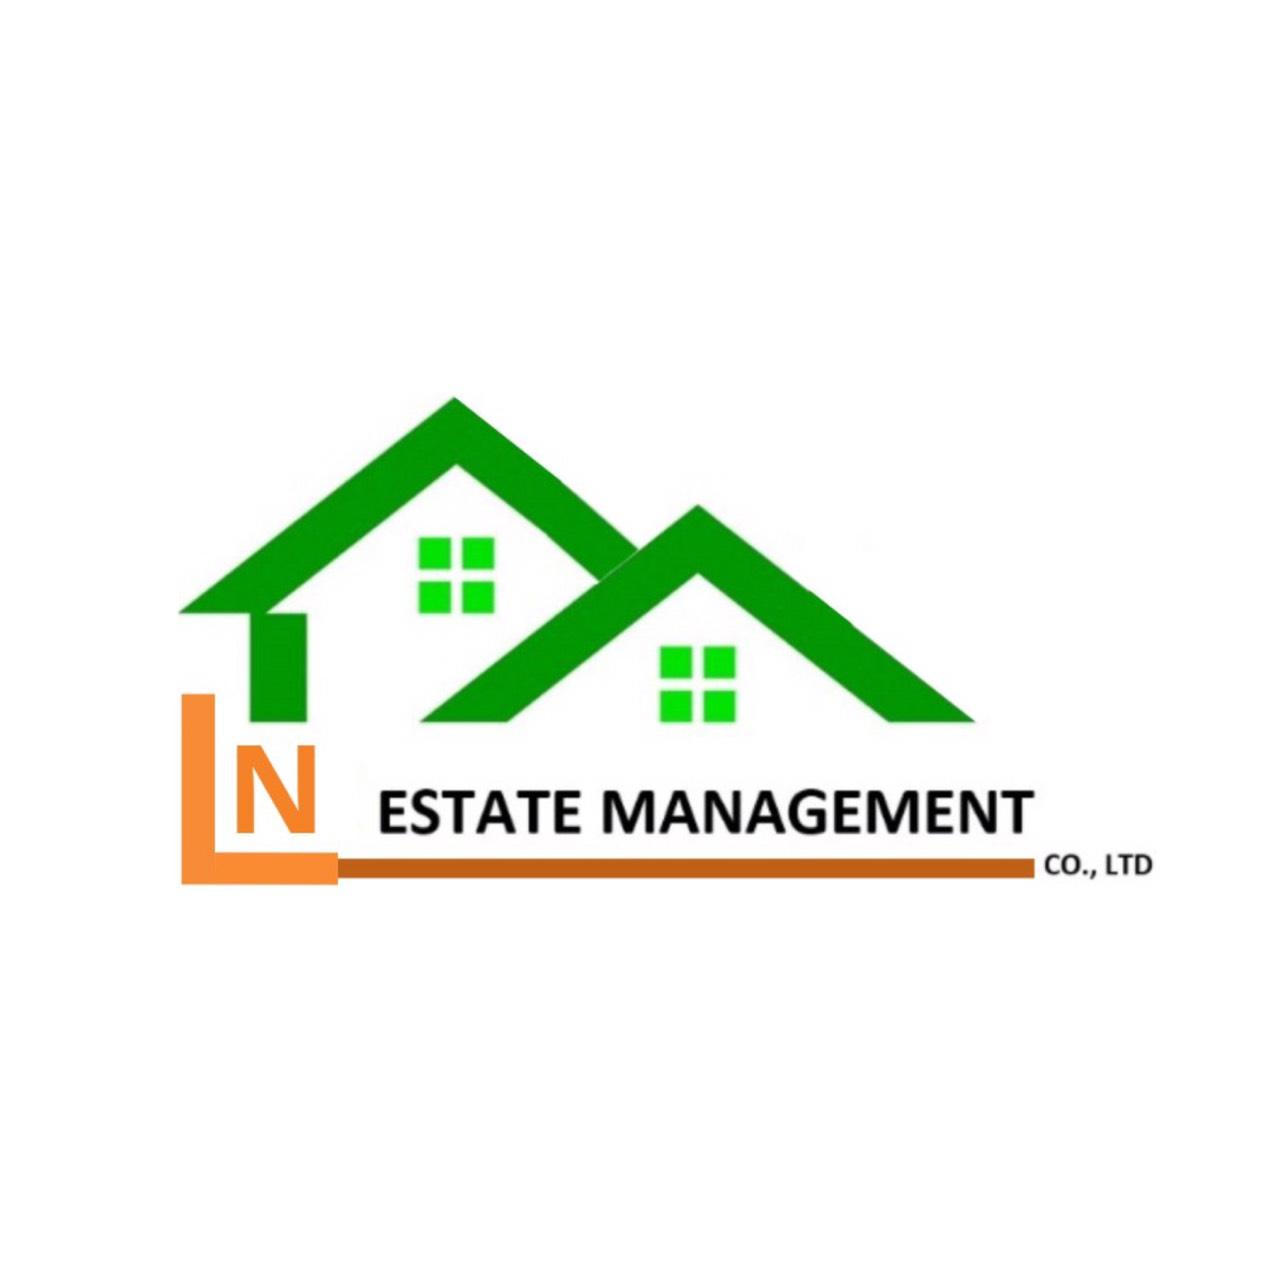 LN estatemanagement